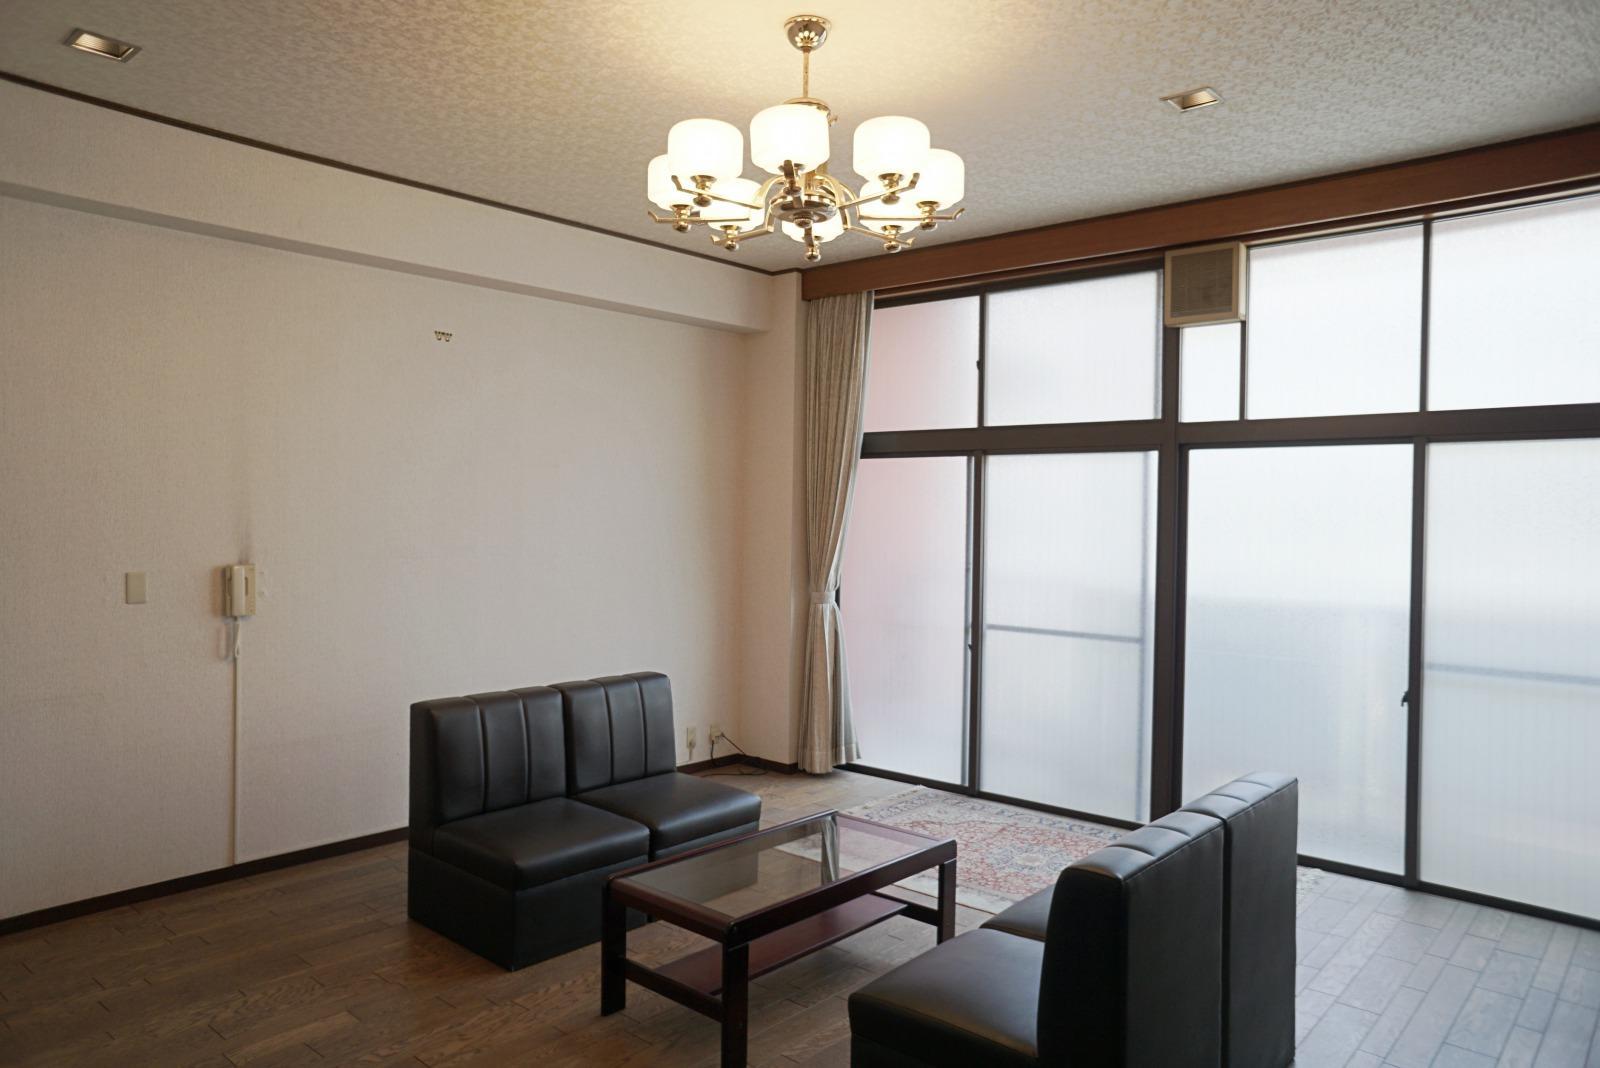 2階の南側事務所部分。天井高は3mあります。